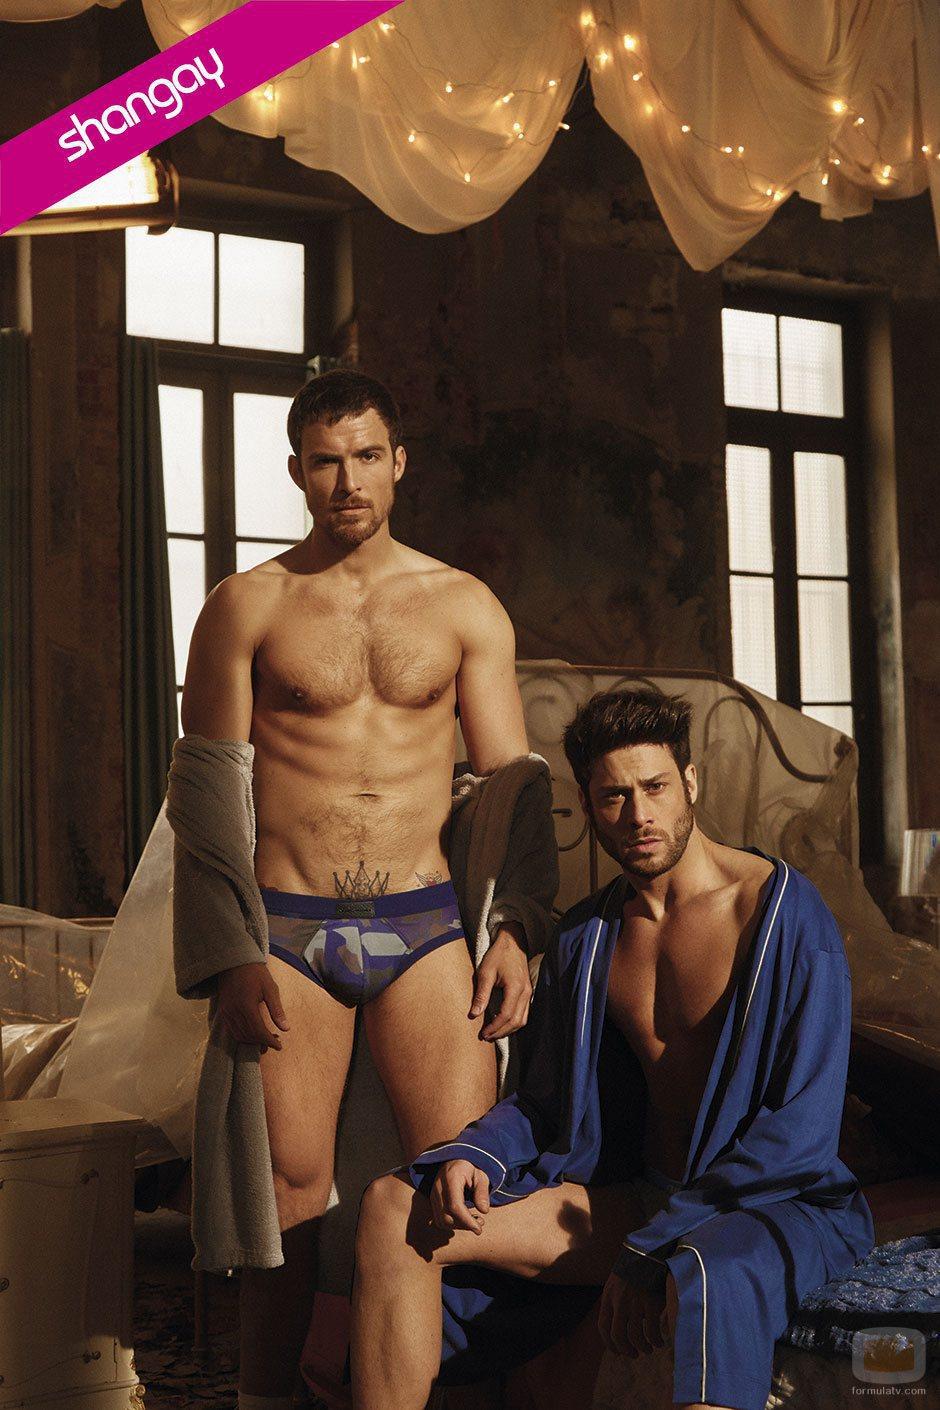 Mario Plágaro y José Lamuño, posan semidesnudos para la revista Shangay